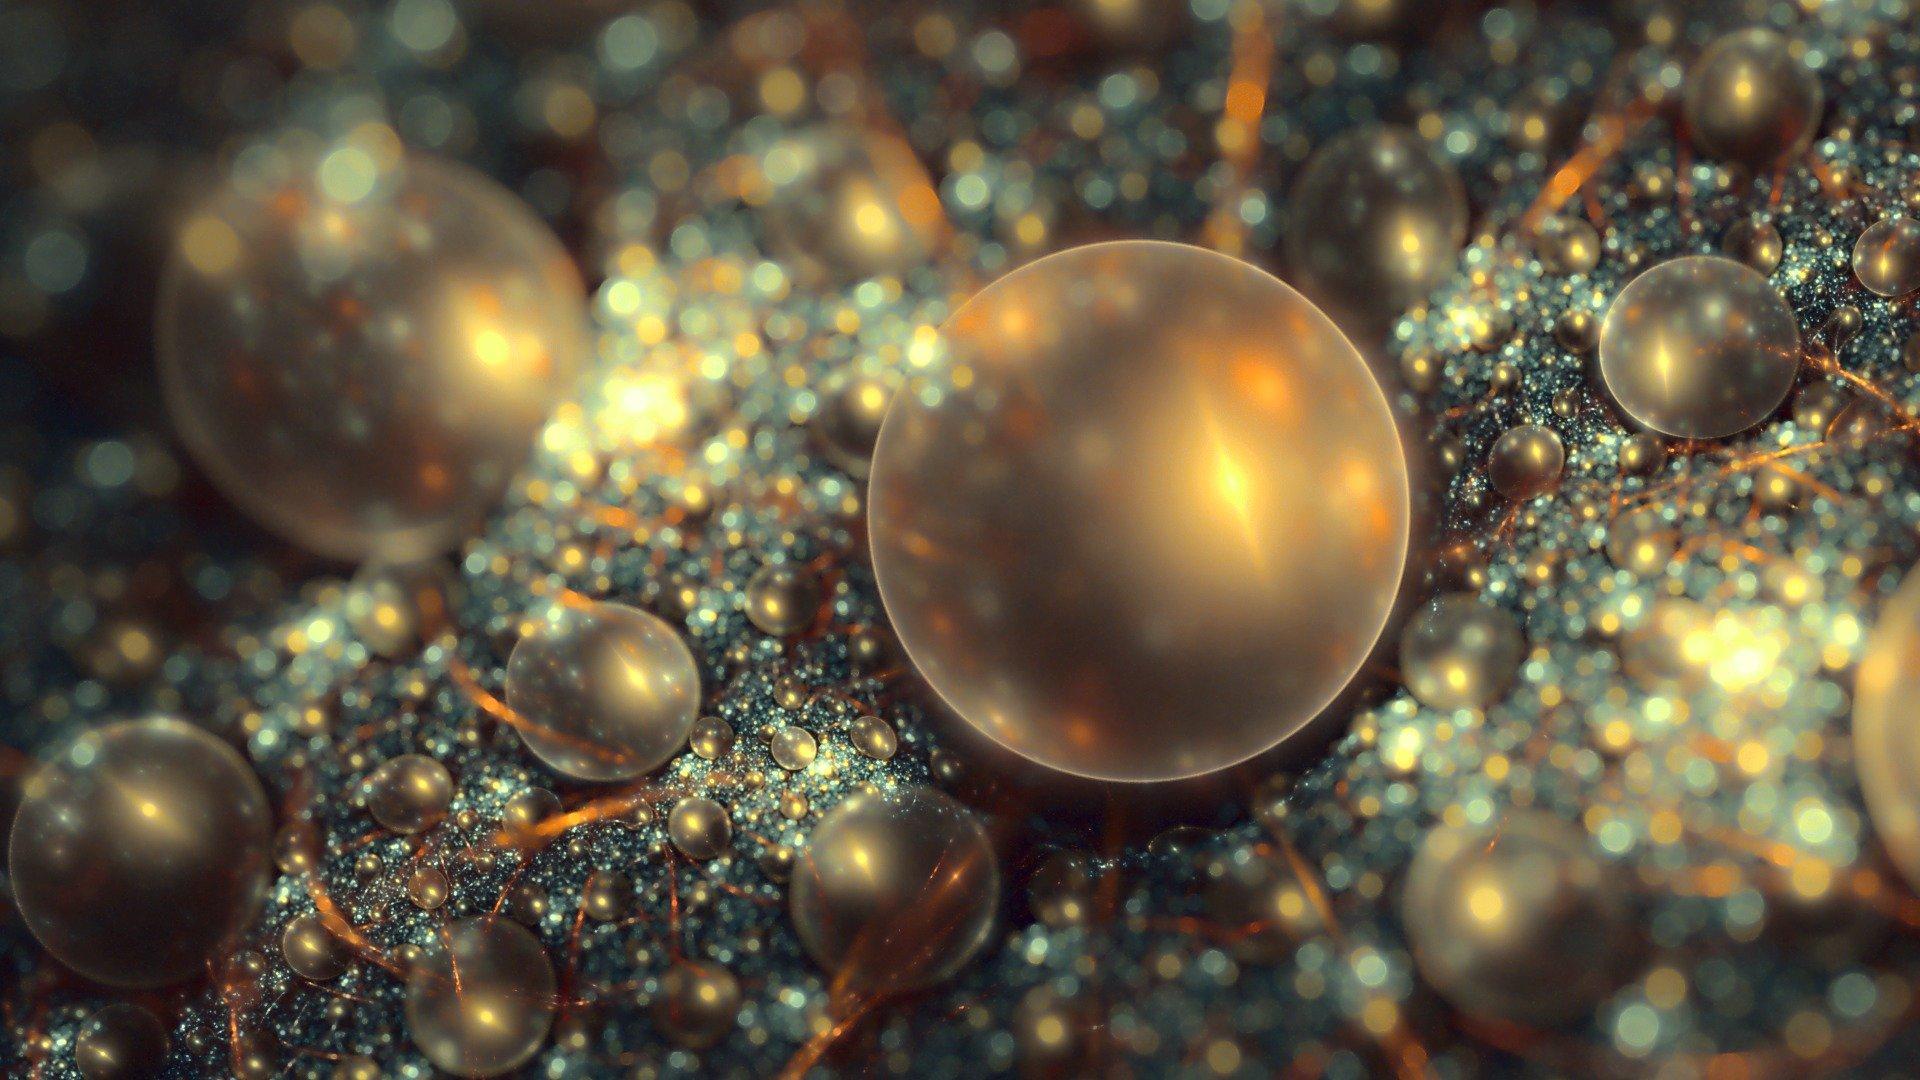 золотисто-черные шары  № 2074759 загрузить